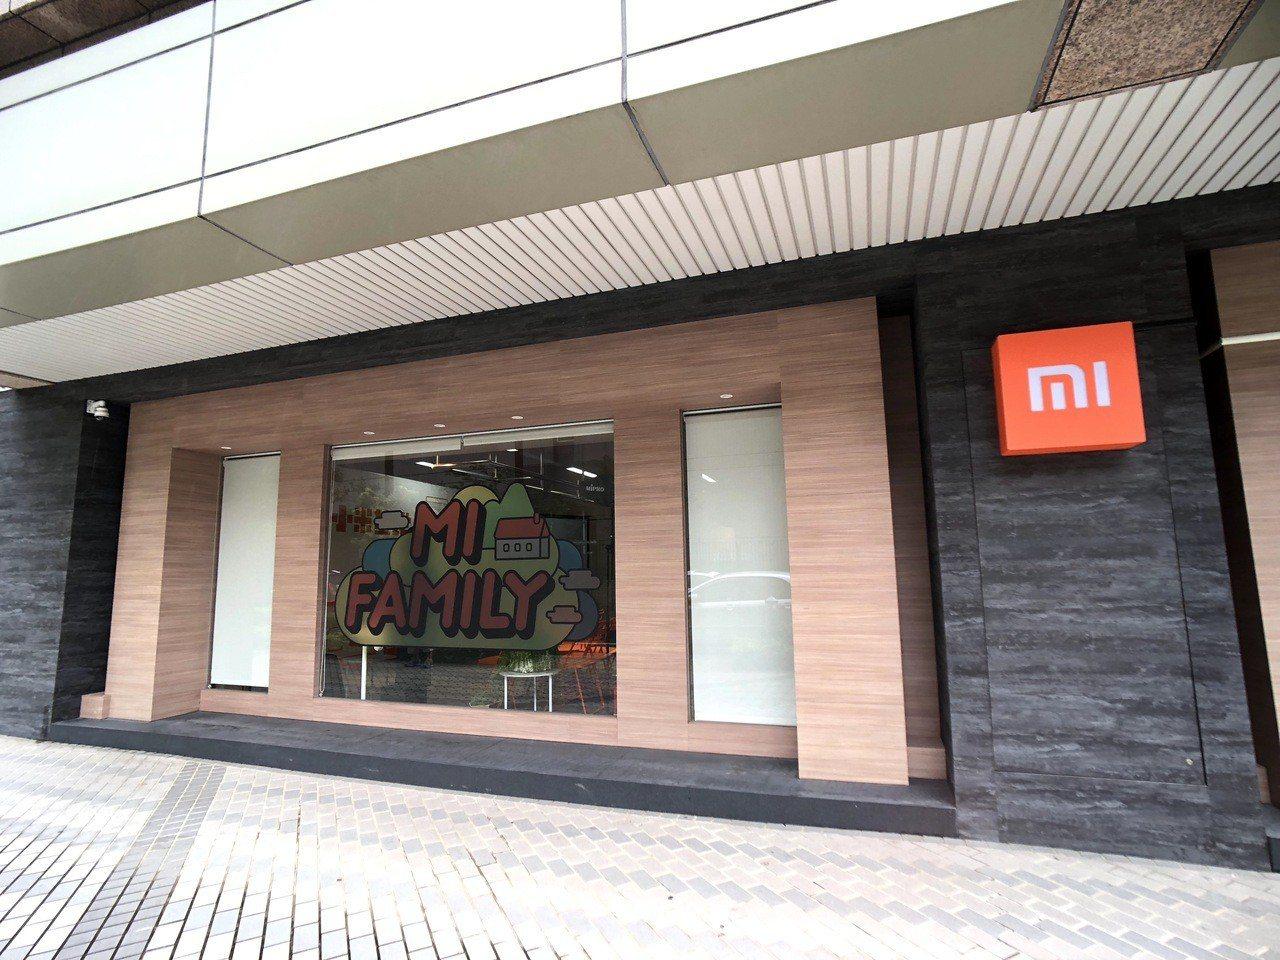 「小米基地」智慧家庭體驗屋位於台北市松山區,今日正式落成啟用。。記者黃筱晴/攝影